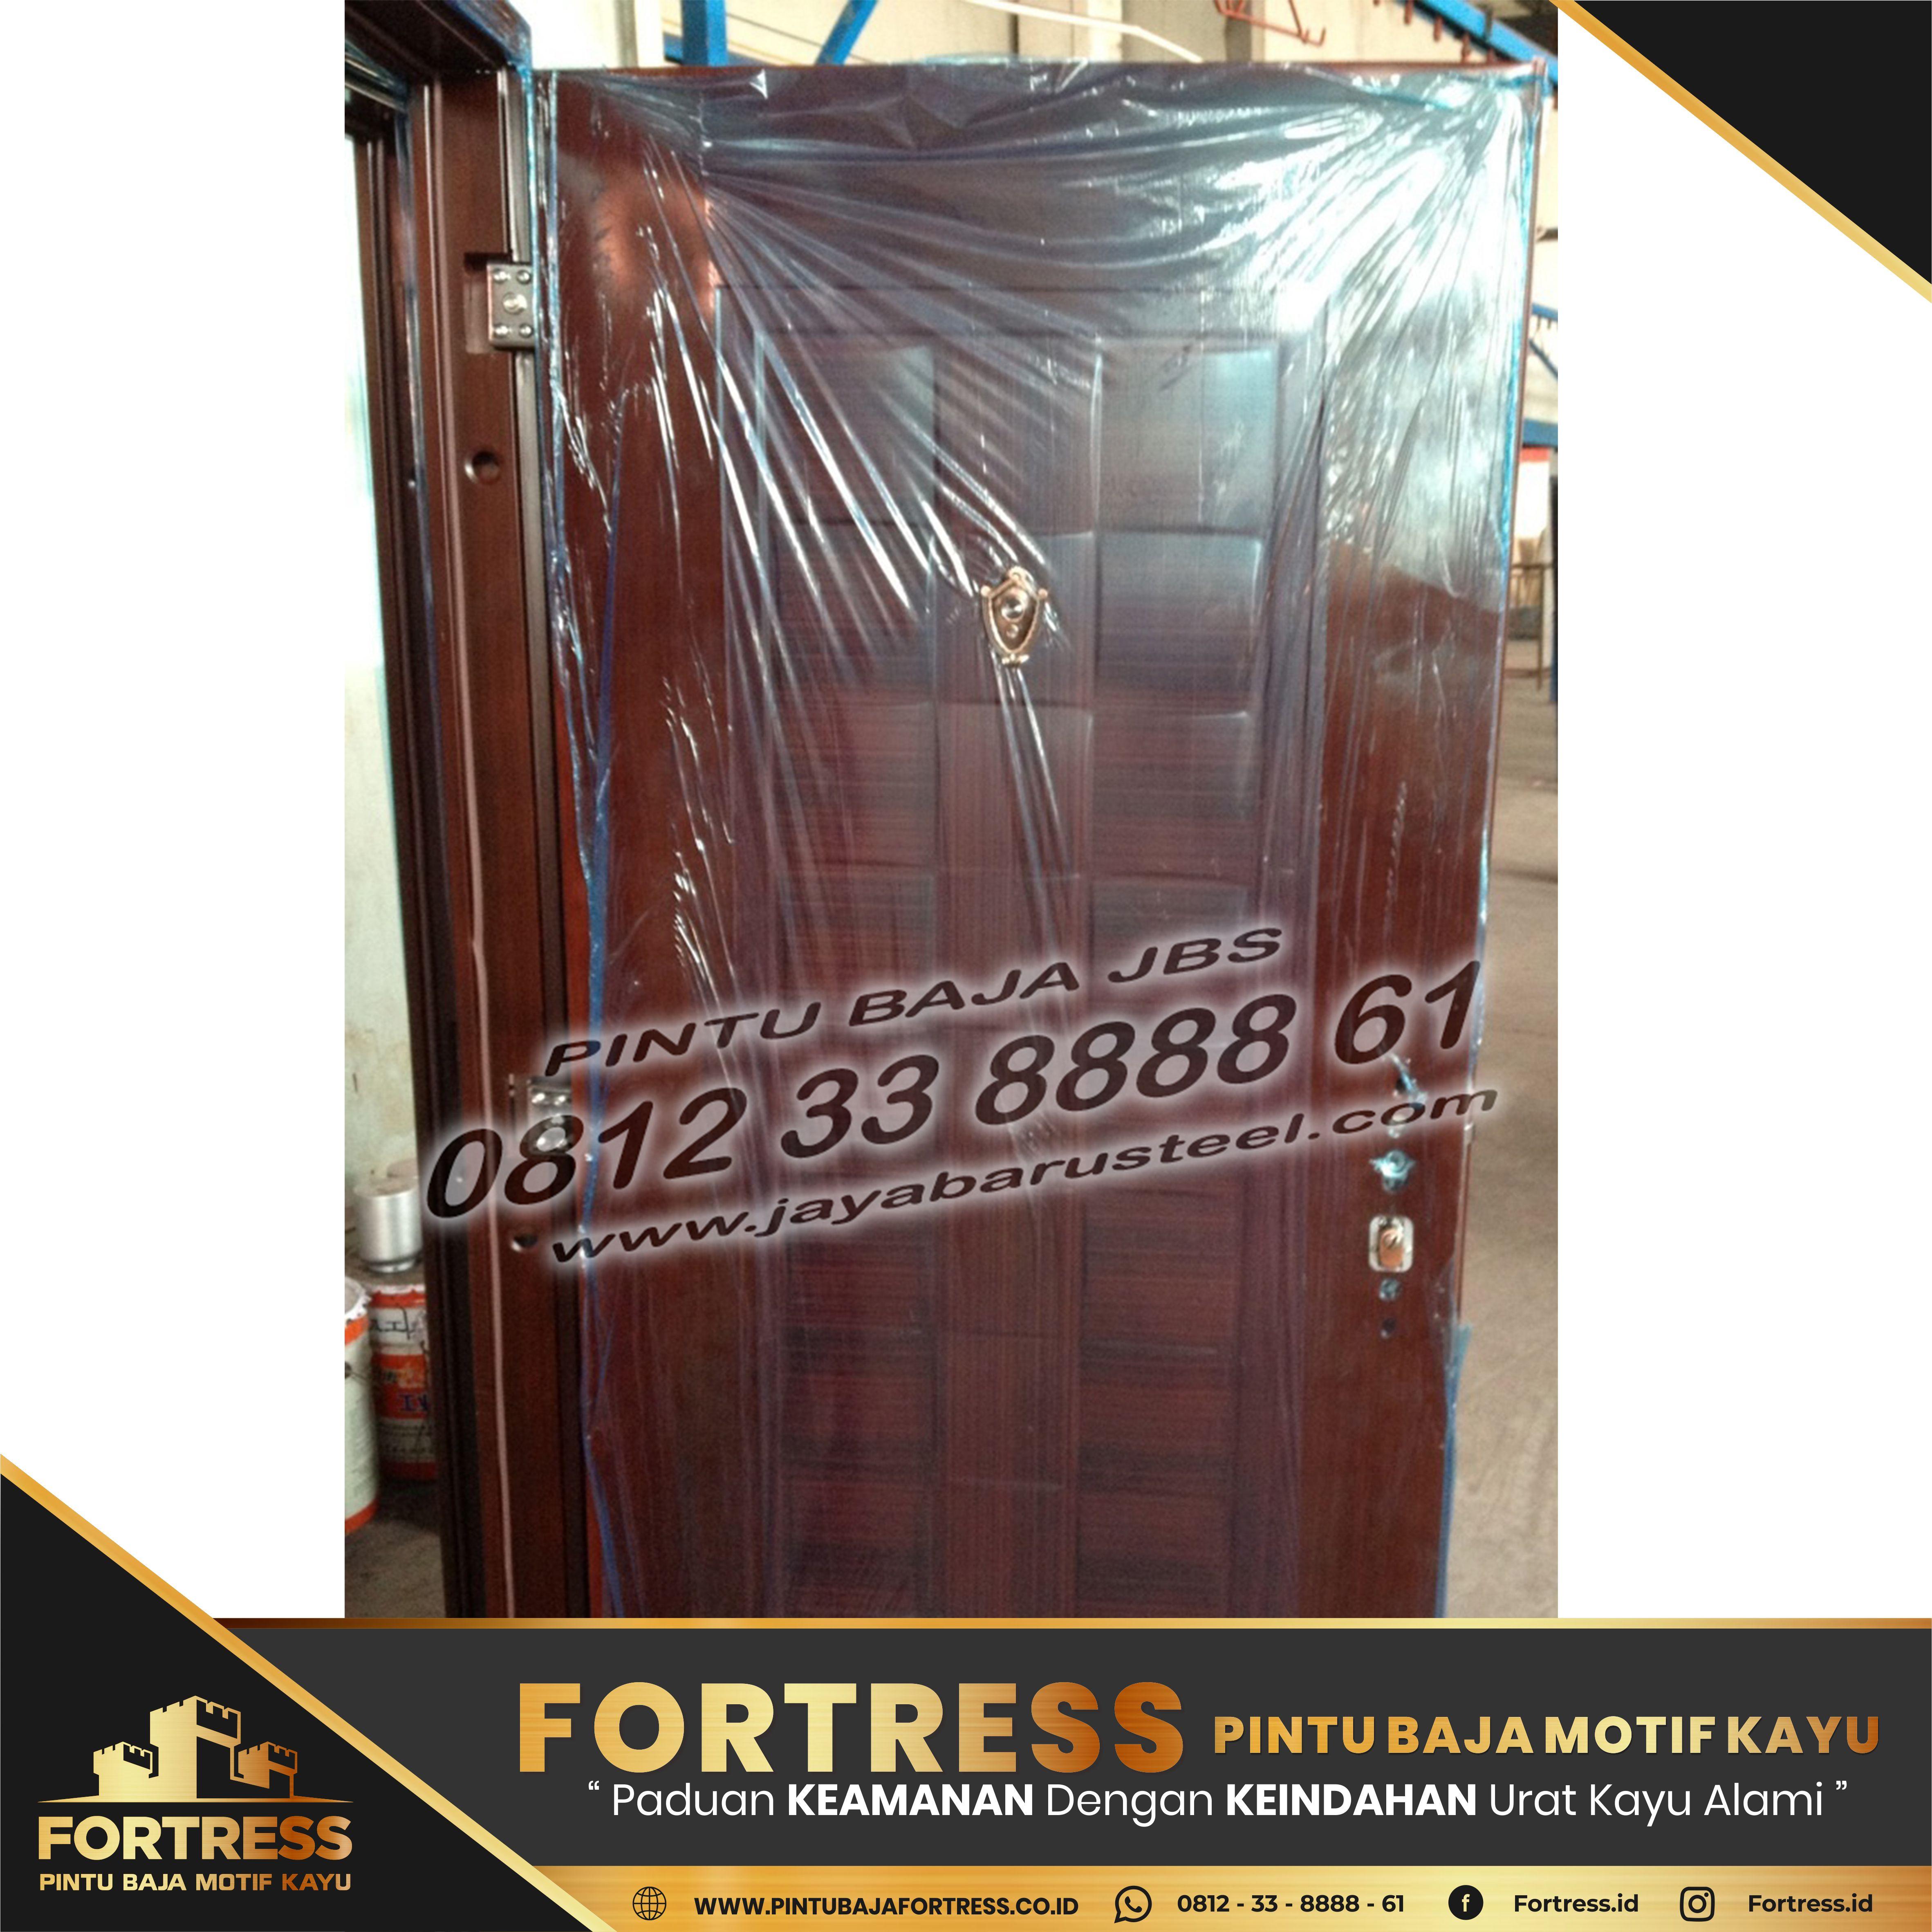 0812-91-6261-07 (FORTRESS) Model of the Banjar Steel Plate Door …